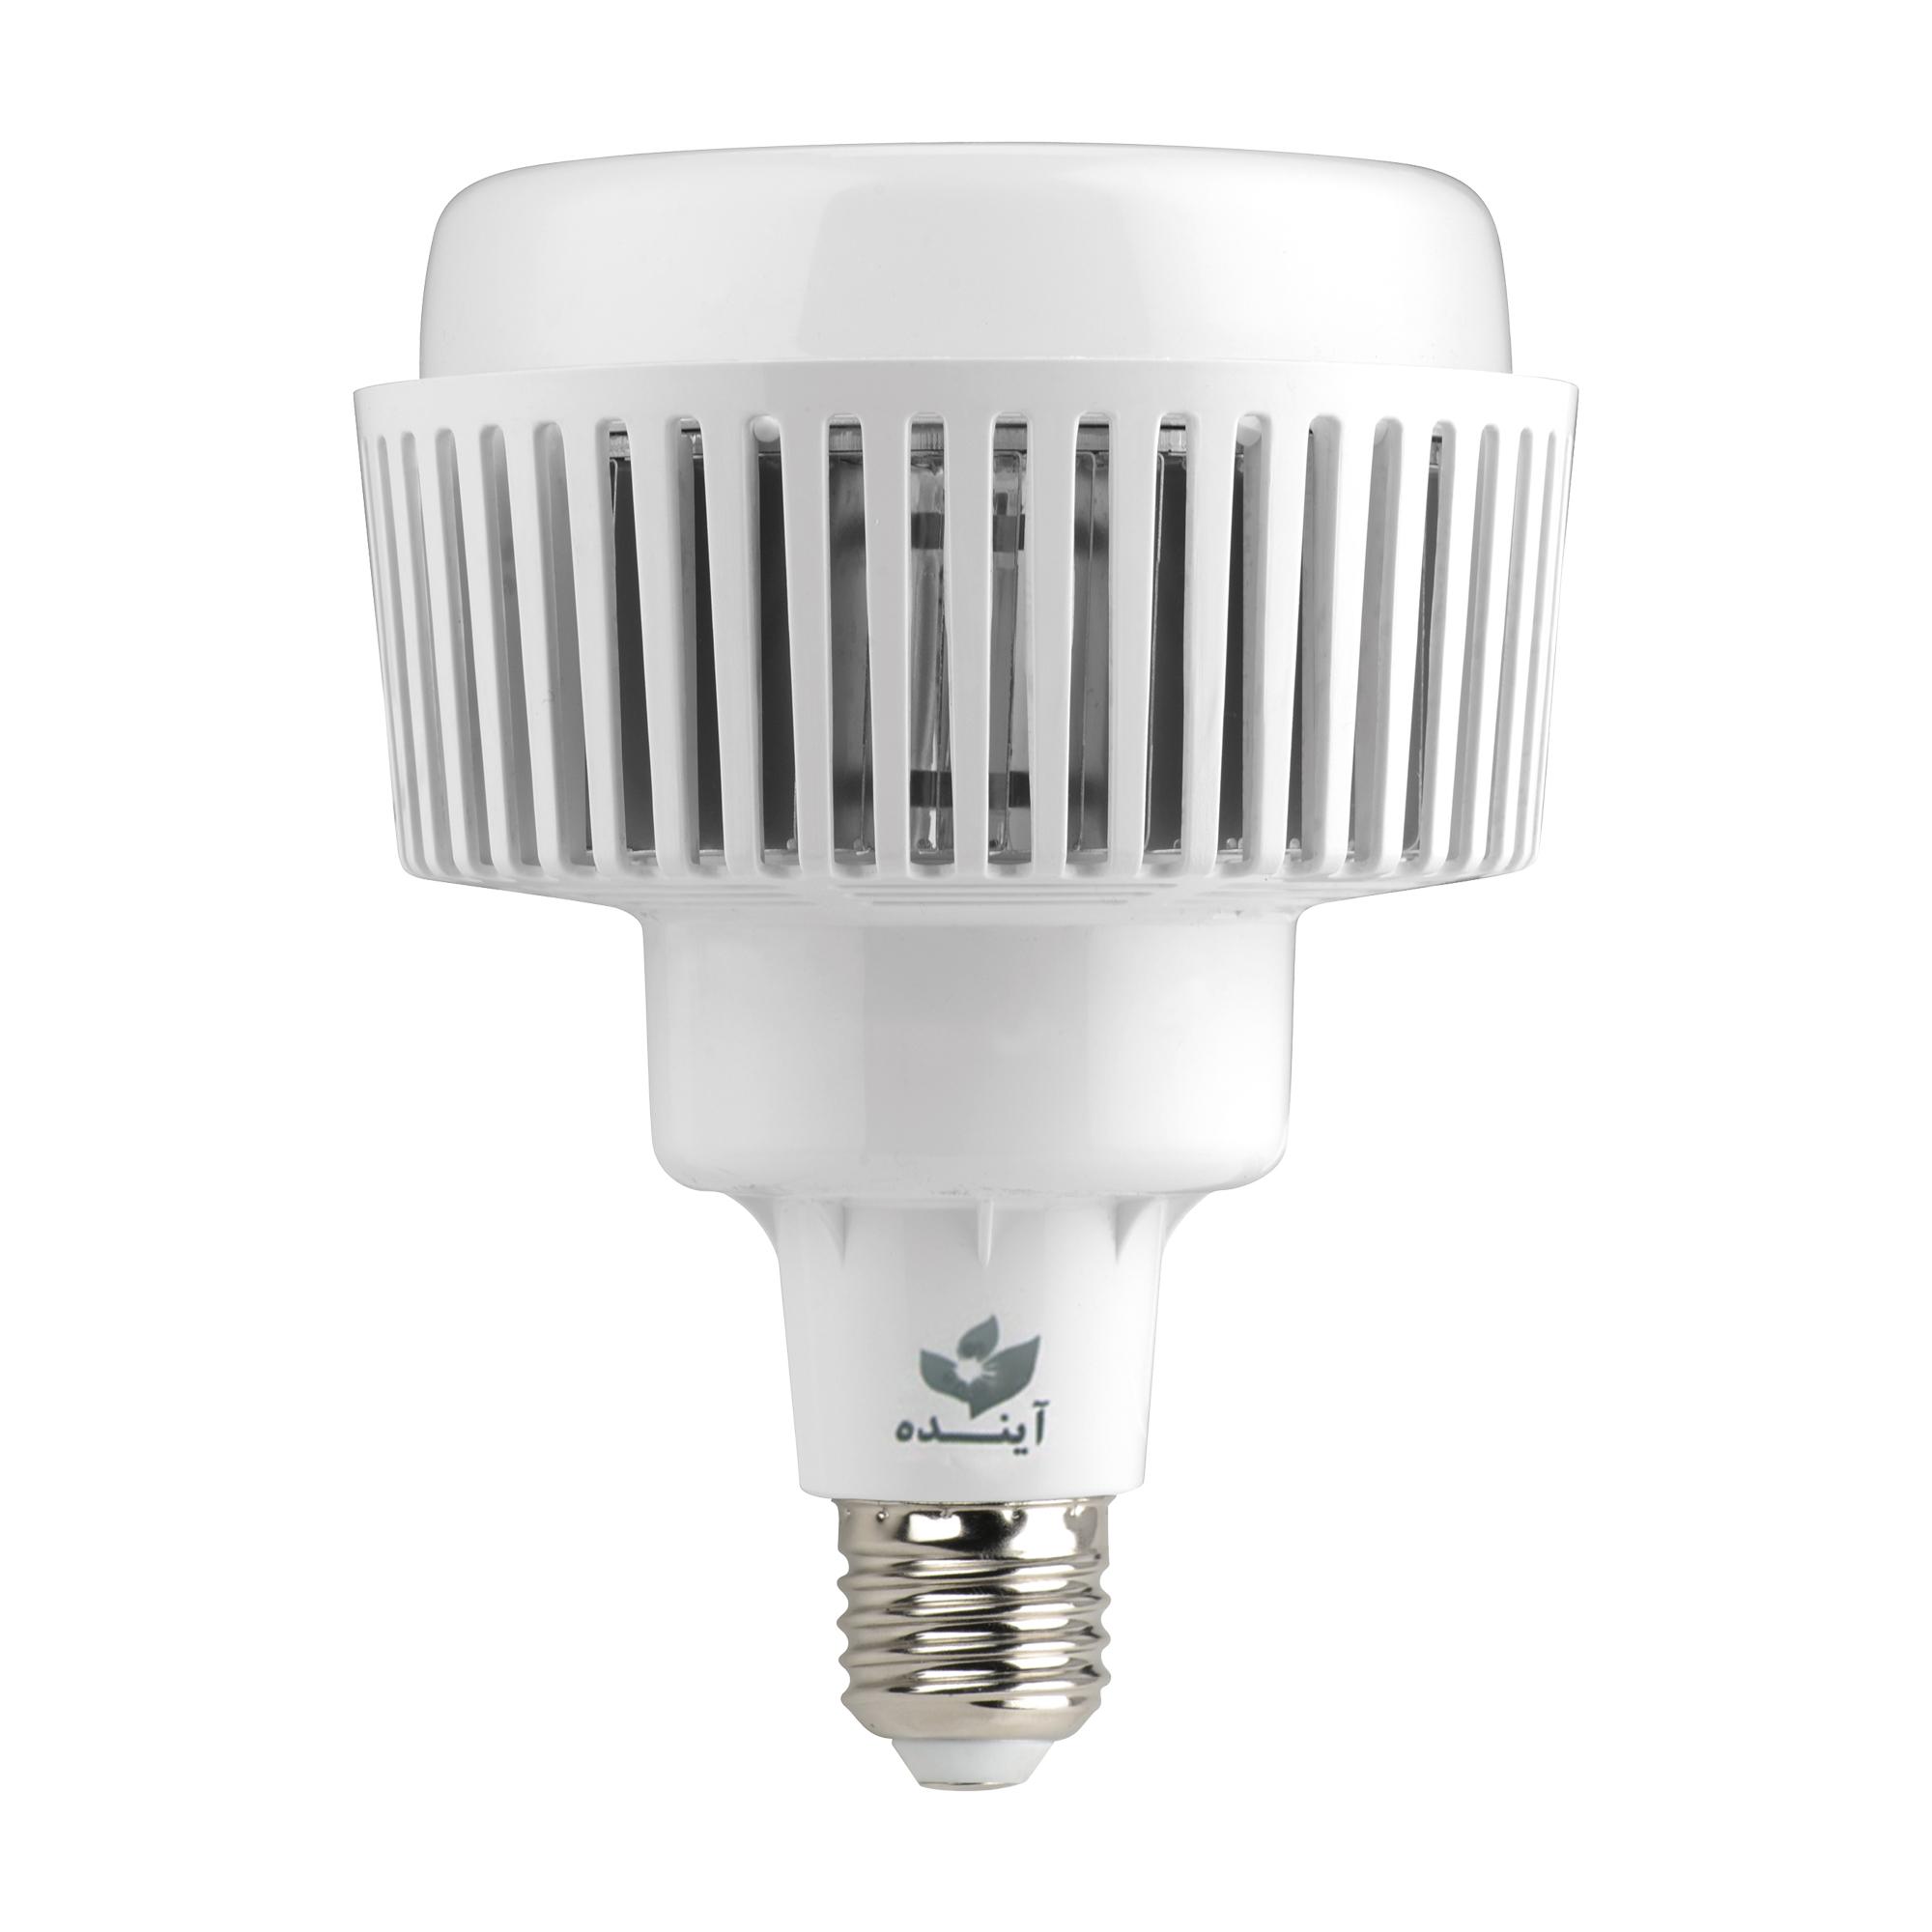 لامپ ال ای دی 50 وات آینده  مدل Y01 پایه E27